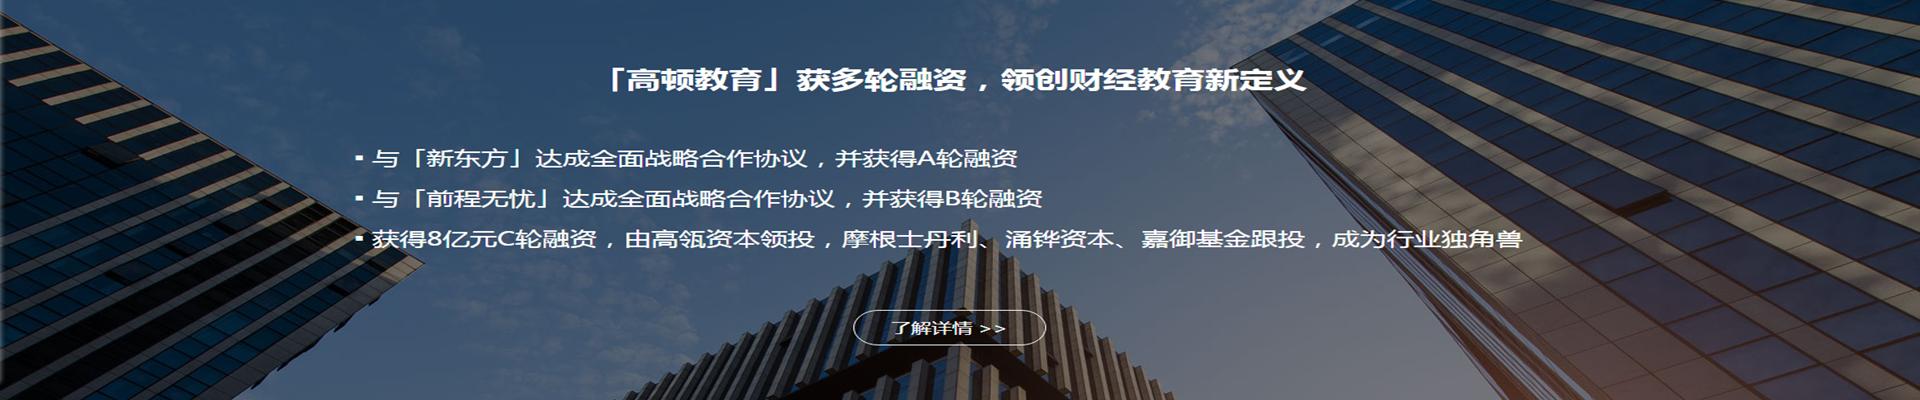 北京高顿财经朝阳校区